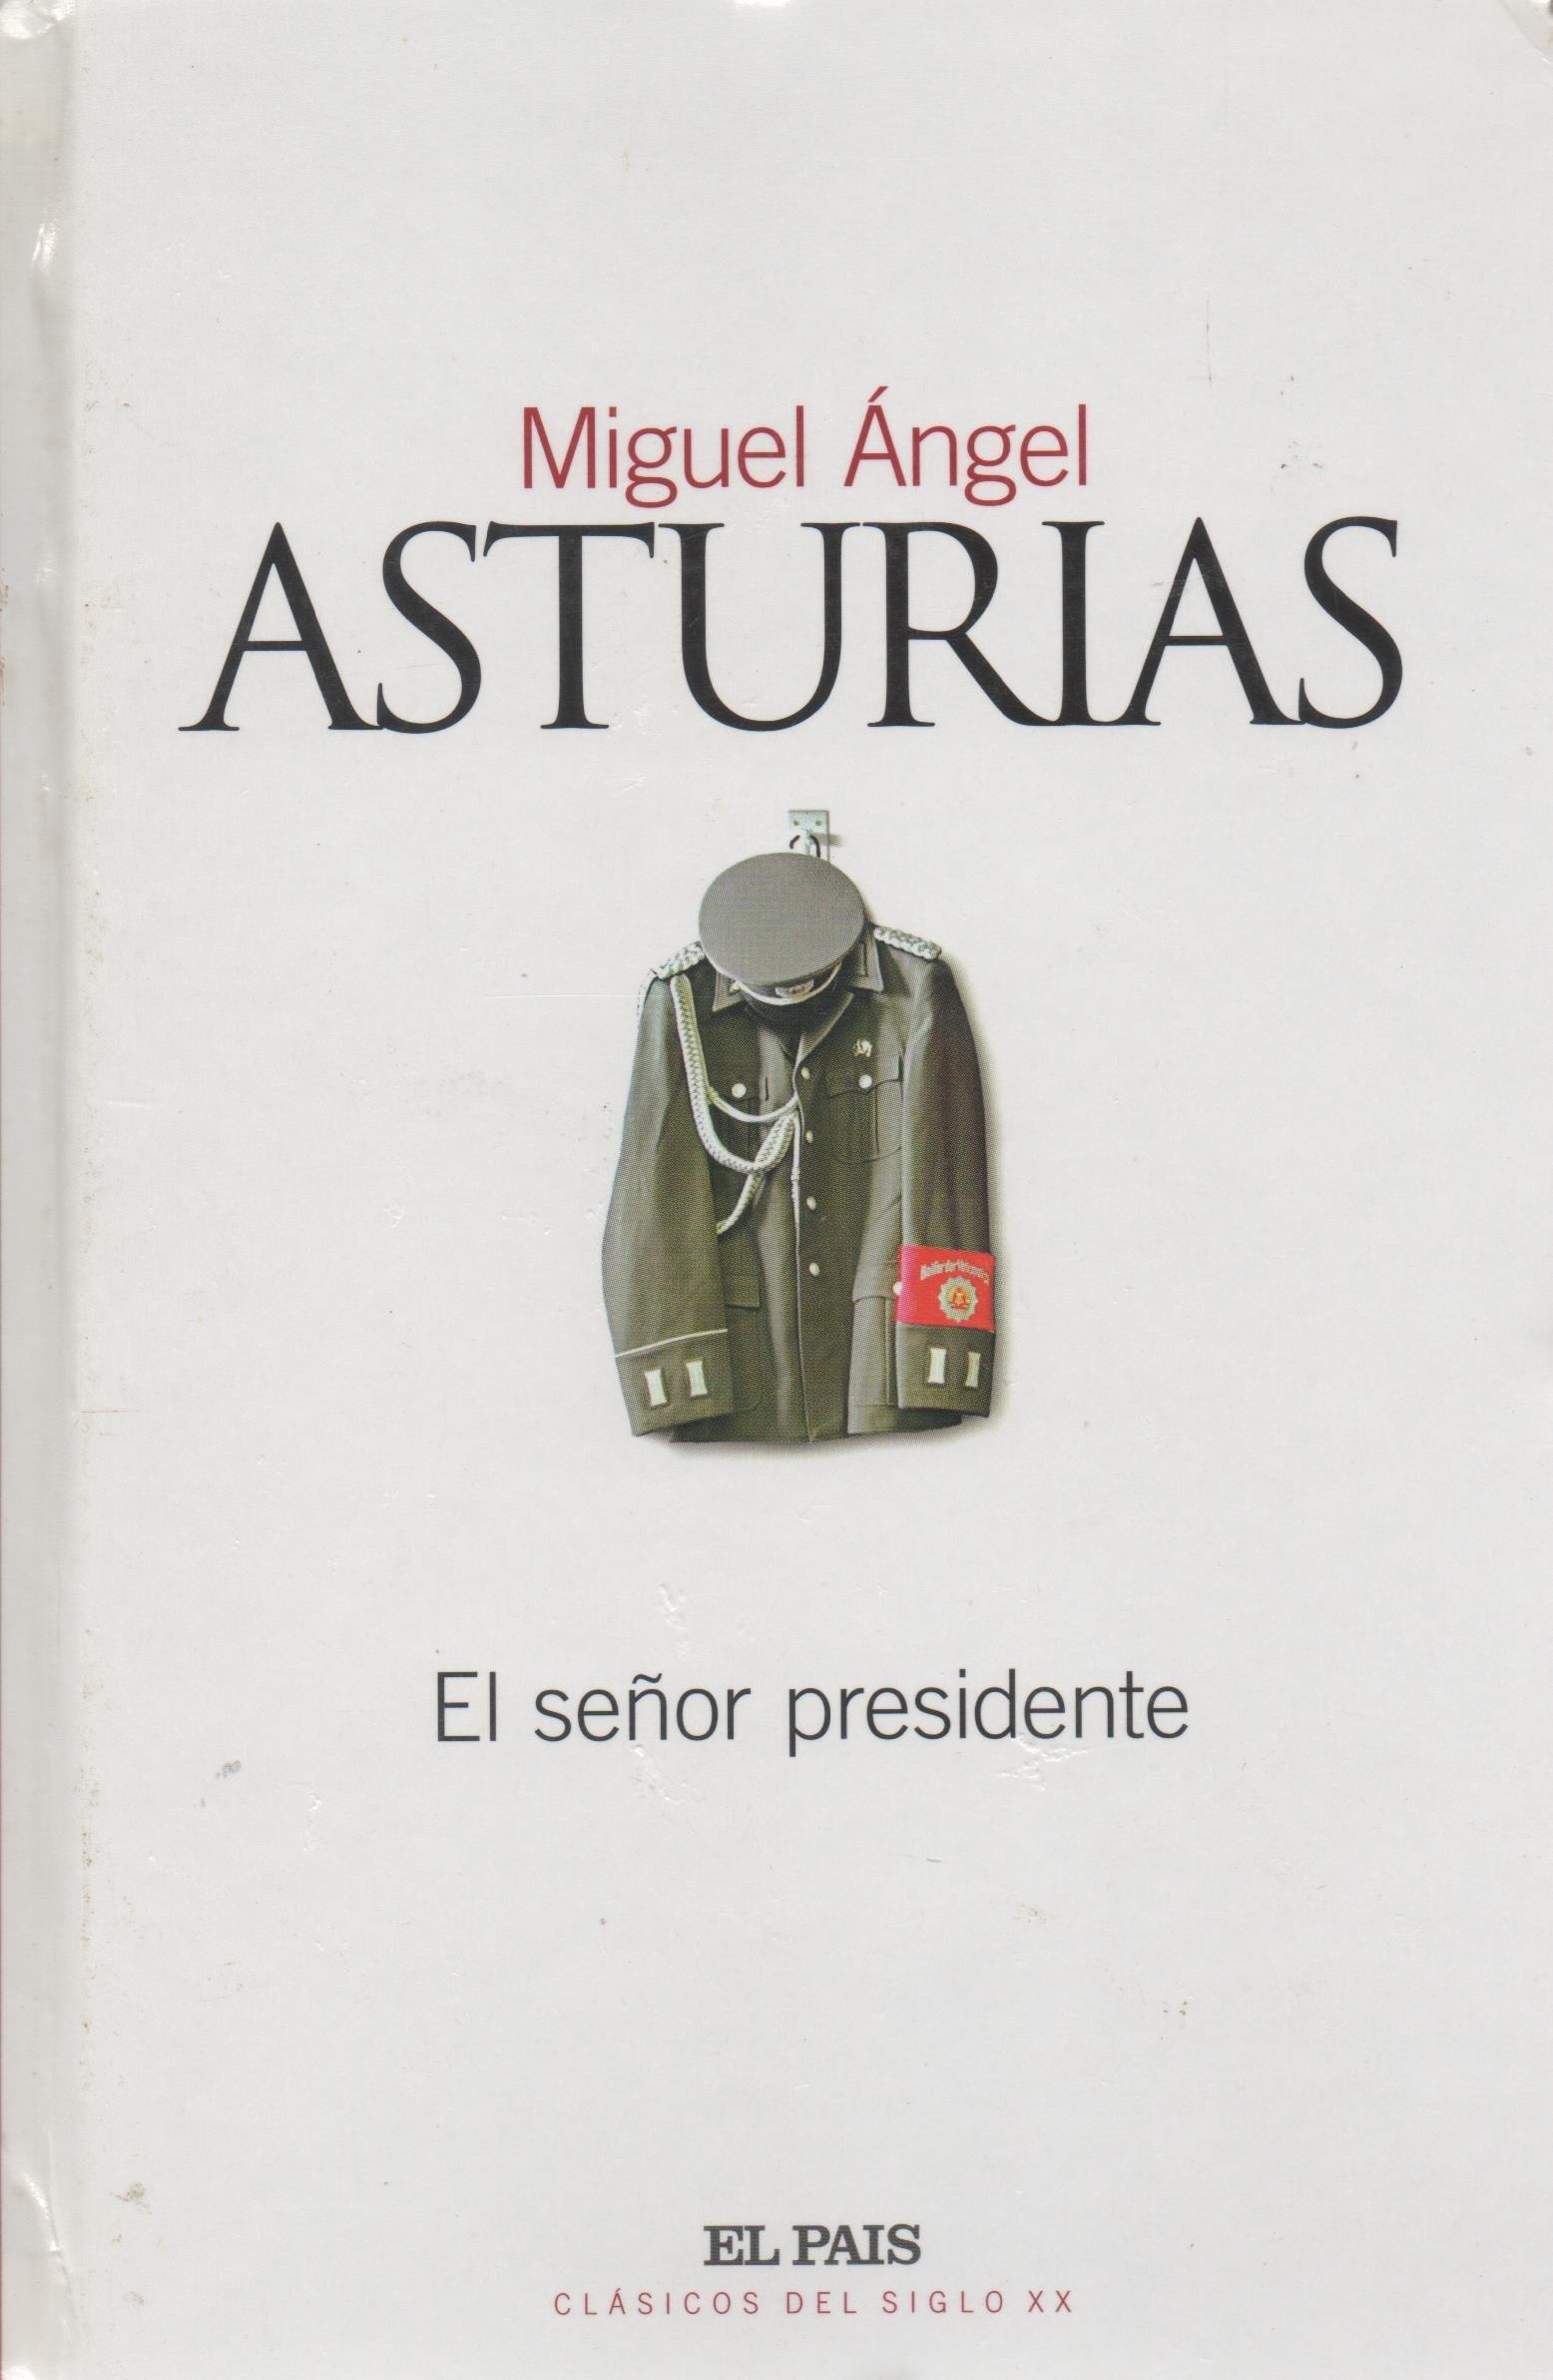 El senor presidente: Miguel Ángel Asturias: 9788489669918: Amazon.com: Books